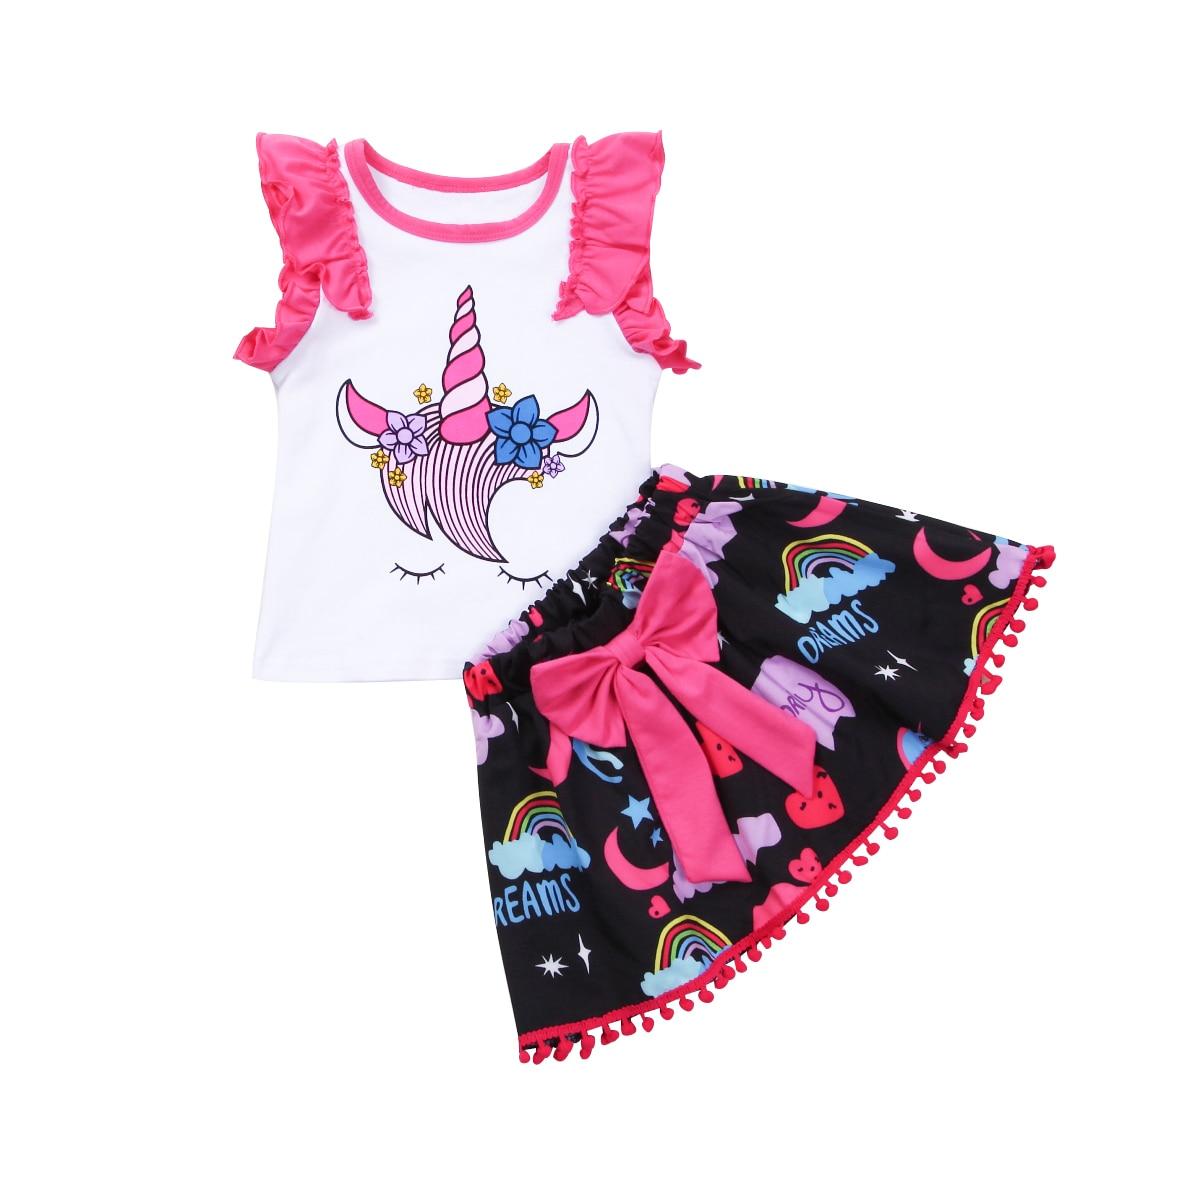 Sweet Baby Обувь для девочек Одежда для детей Комплект одежды футболка Топы Корректирующие + короткие Юбки для женщин 2 шт. Новые Летние Детский к...